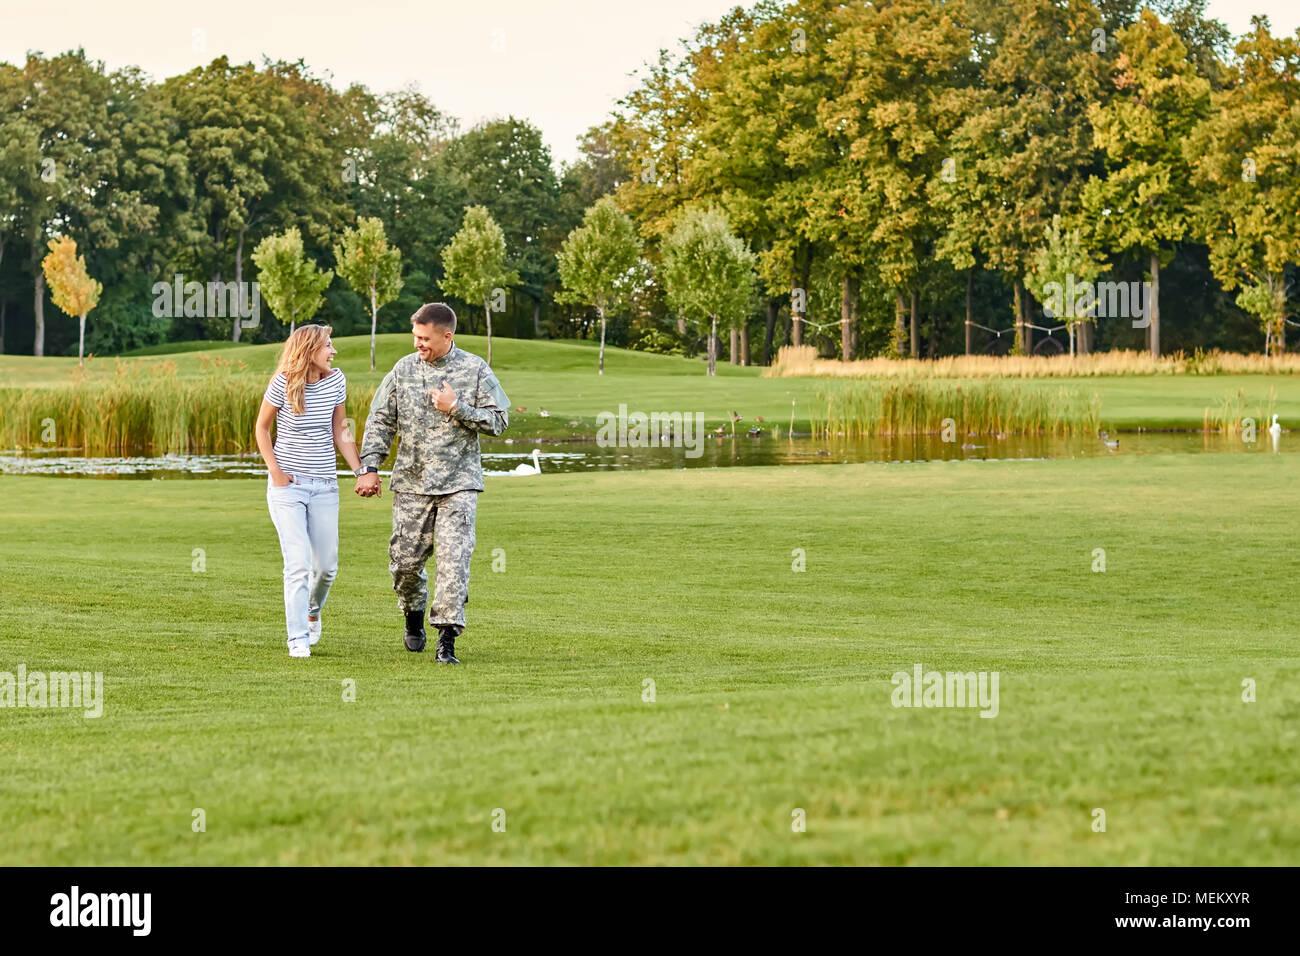 Glückliches Paar schöne Wanderungen auf dem Gras. Stockbild